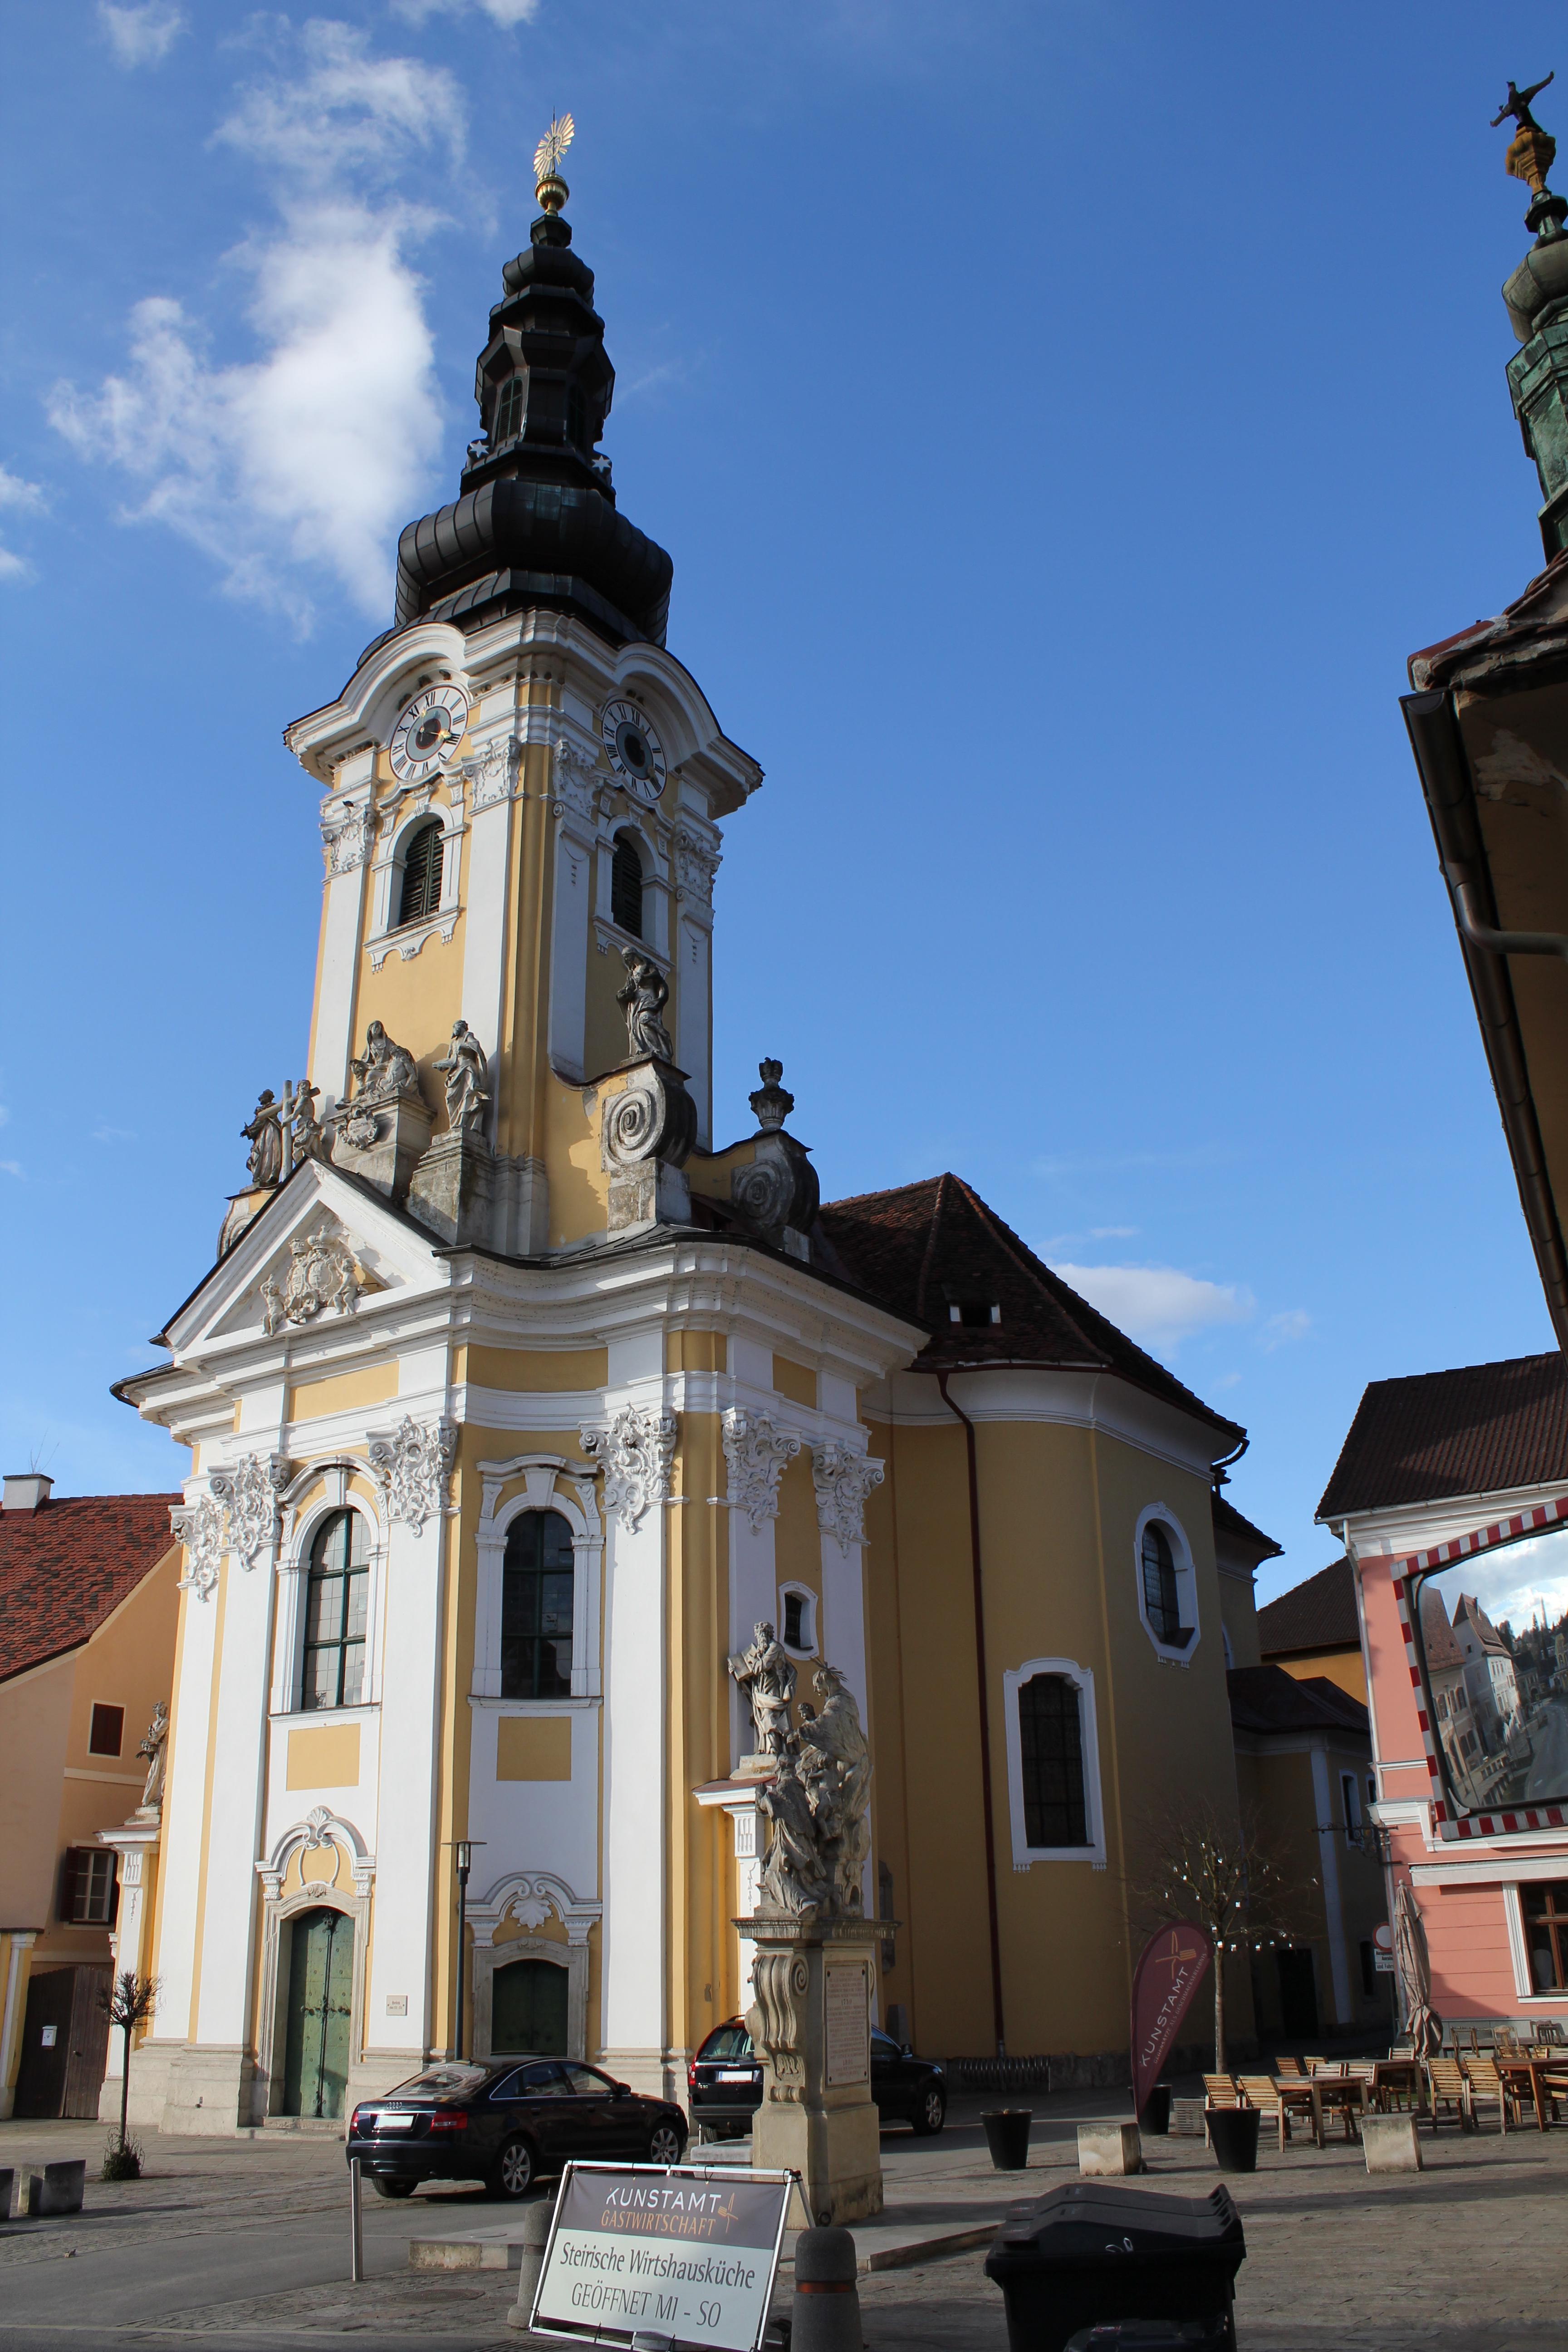 Ehrenhausen Austria  City new picture : Pfarr und Wallfahrtskirche in Ehrenhausen